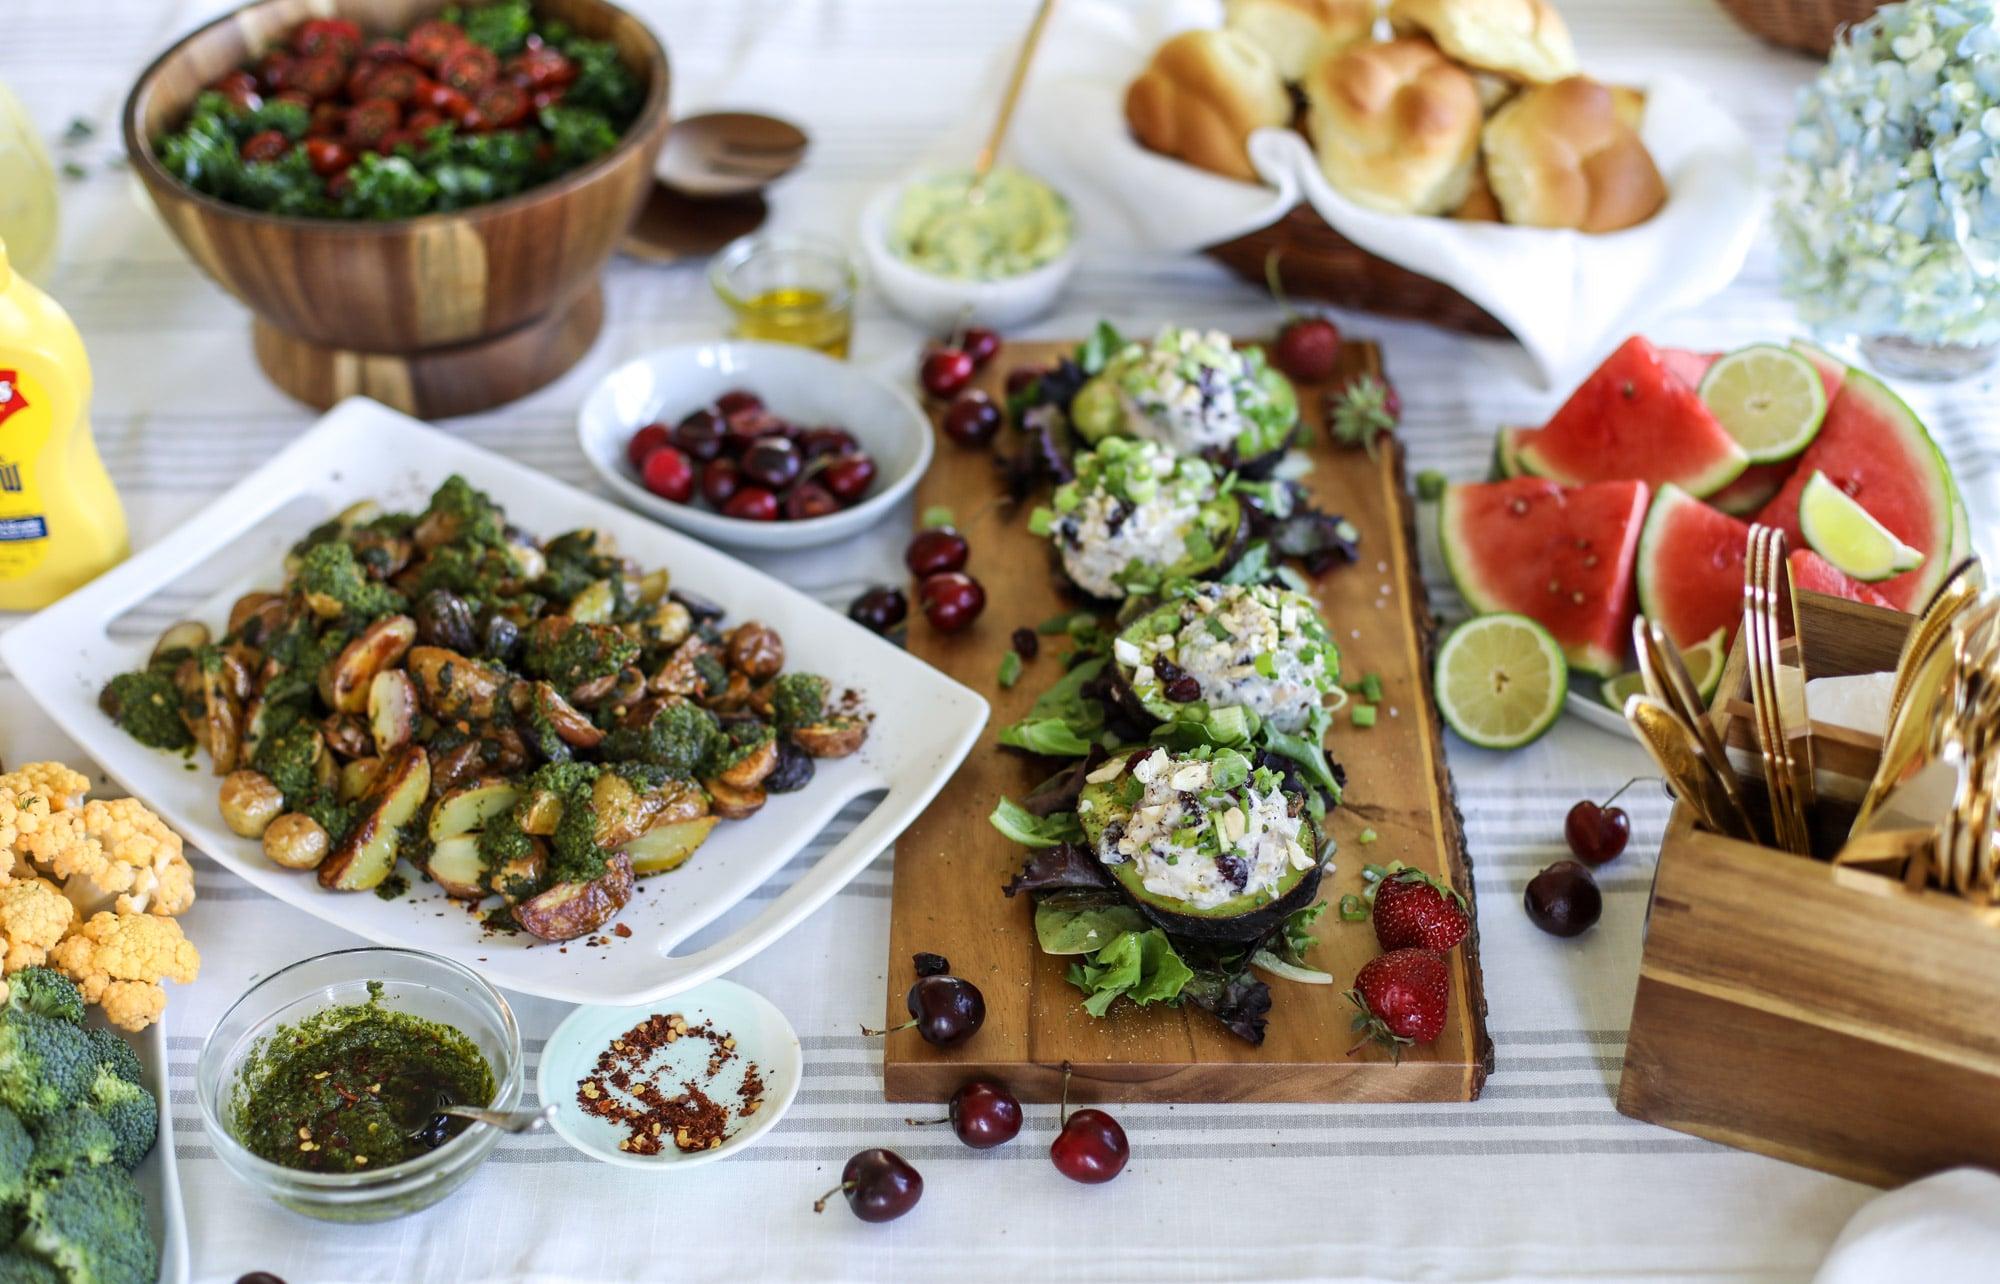 easy summer entertaining recipes I howsweeteats.com #summer #picnic #entertaining #recipes #frenchs